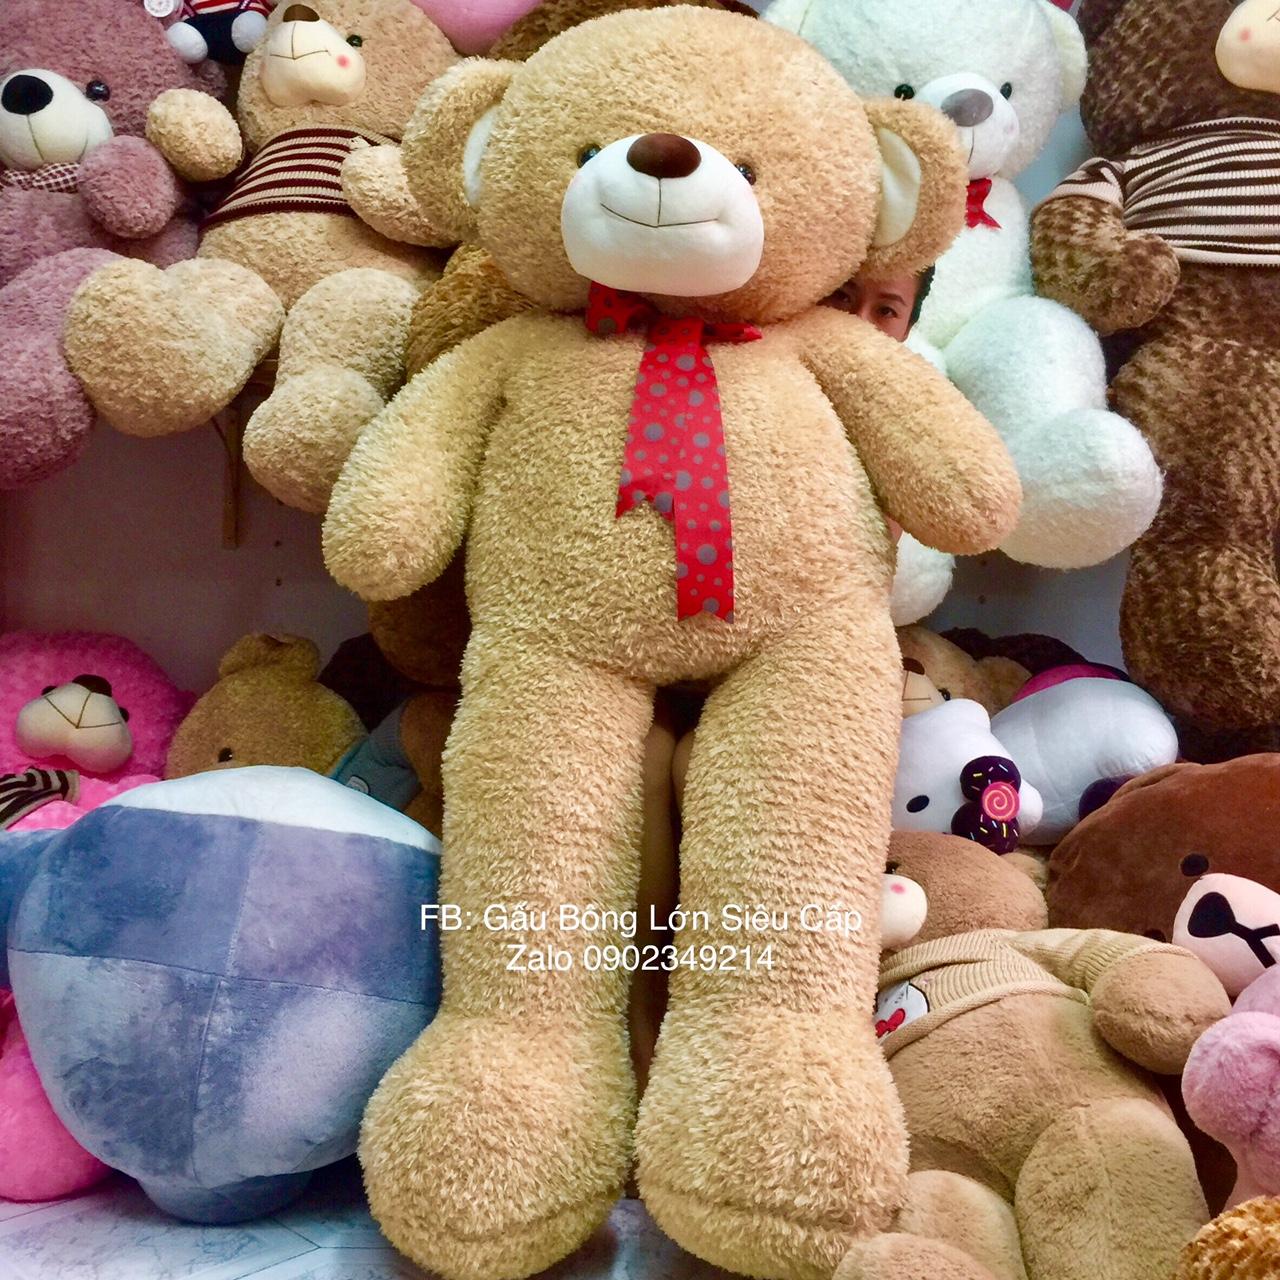 gấu Teddy lông tuyết HQ cà phê sữa 1m9